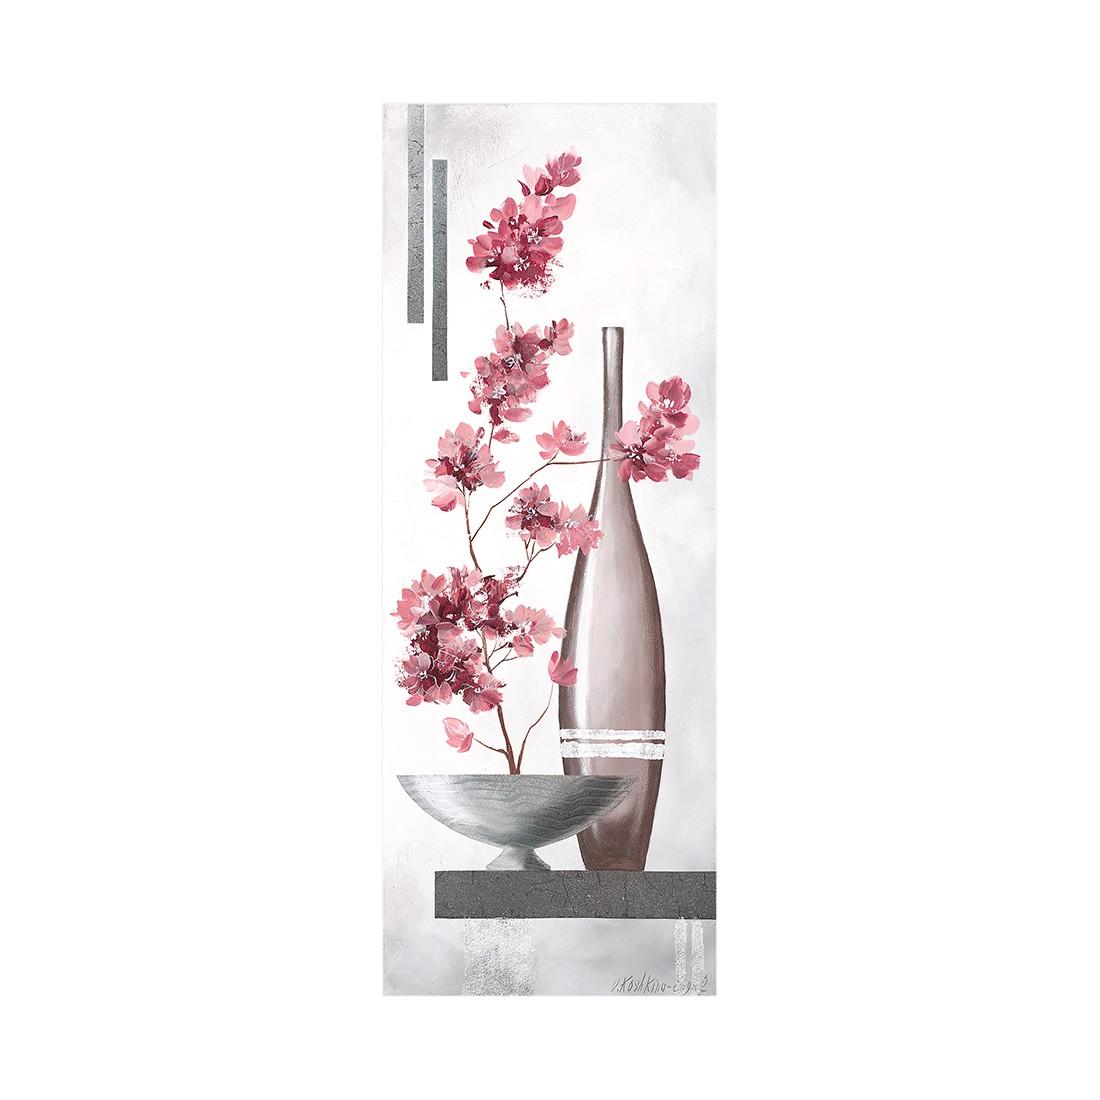 Leinwandbild Vase Mood IX 30×80, Pro Art jetzt bestellen